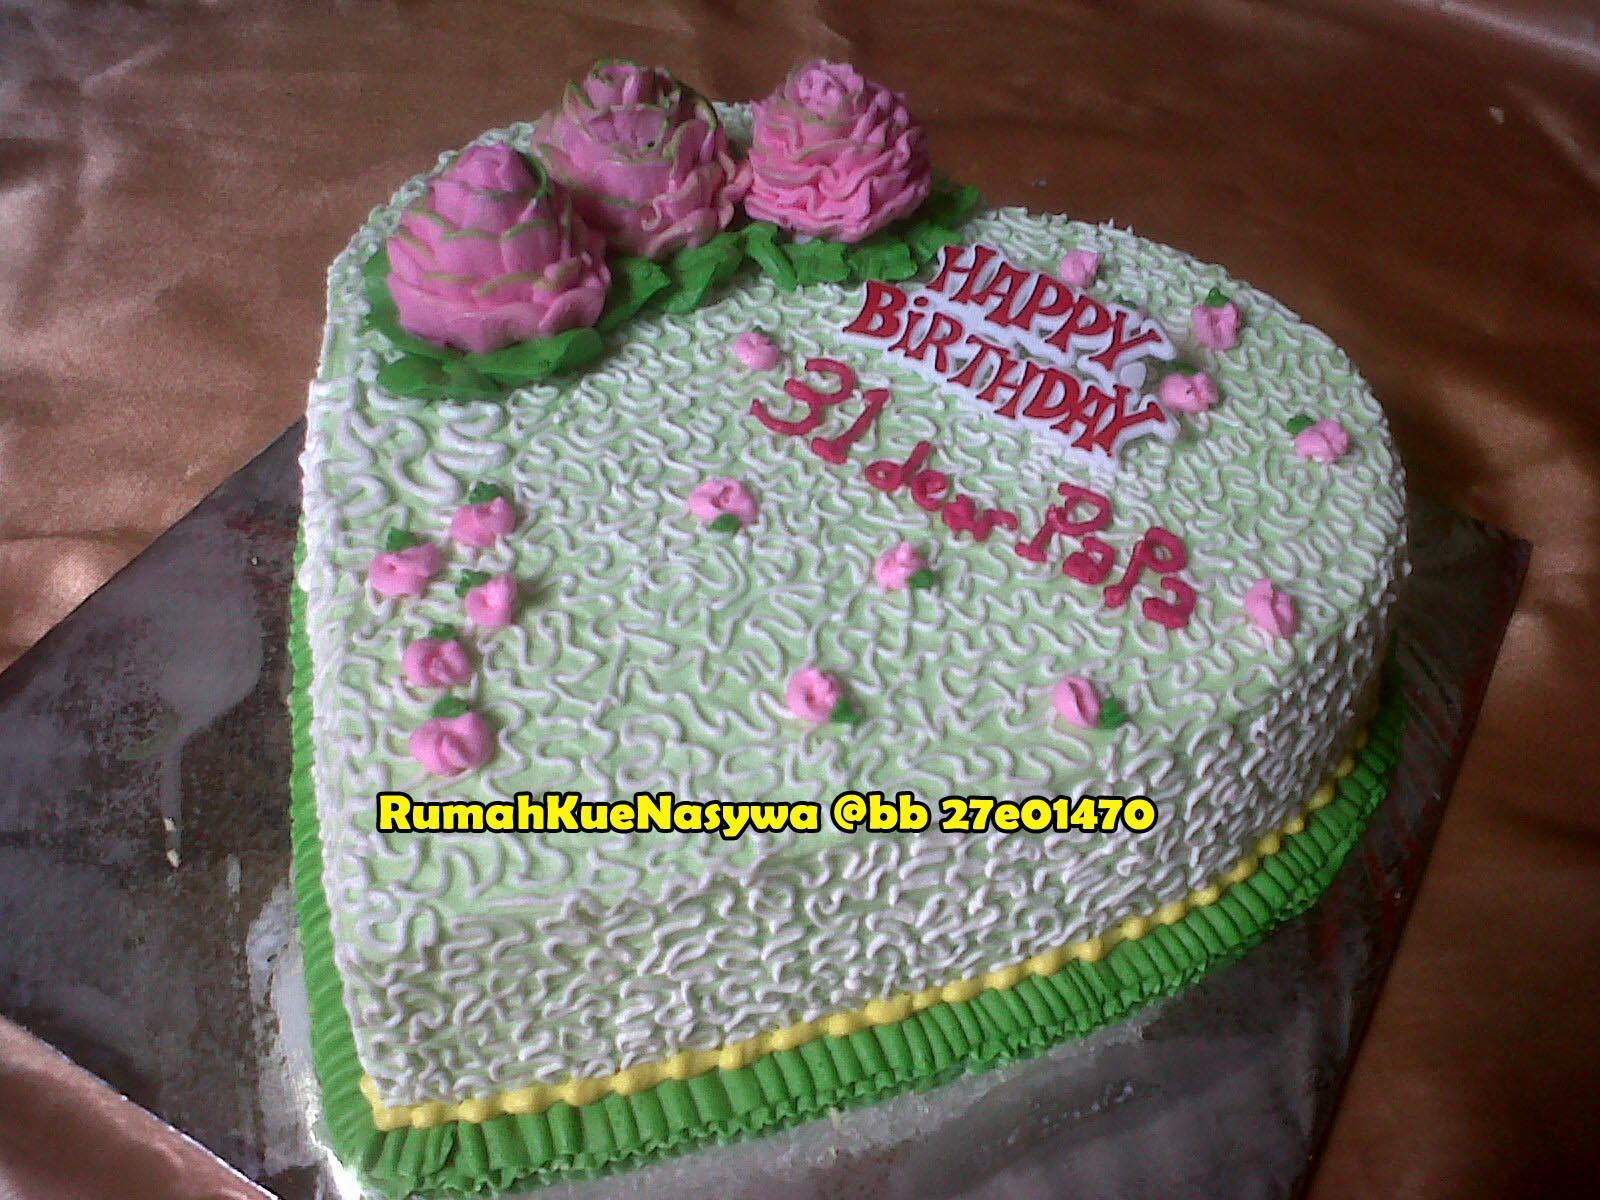 Rumah Kue Nasywa Love Cake